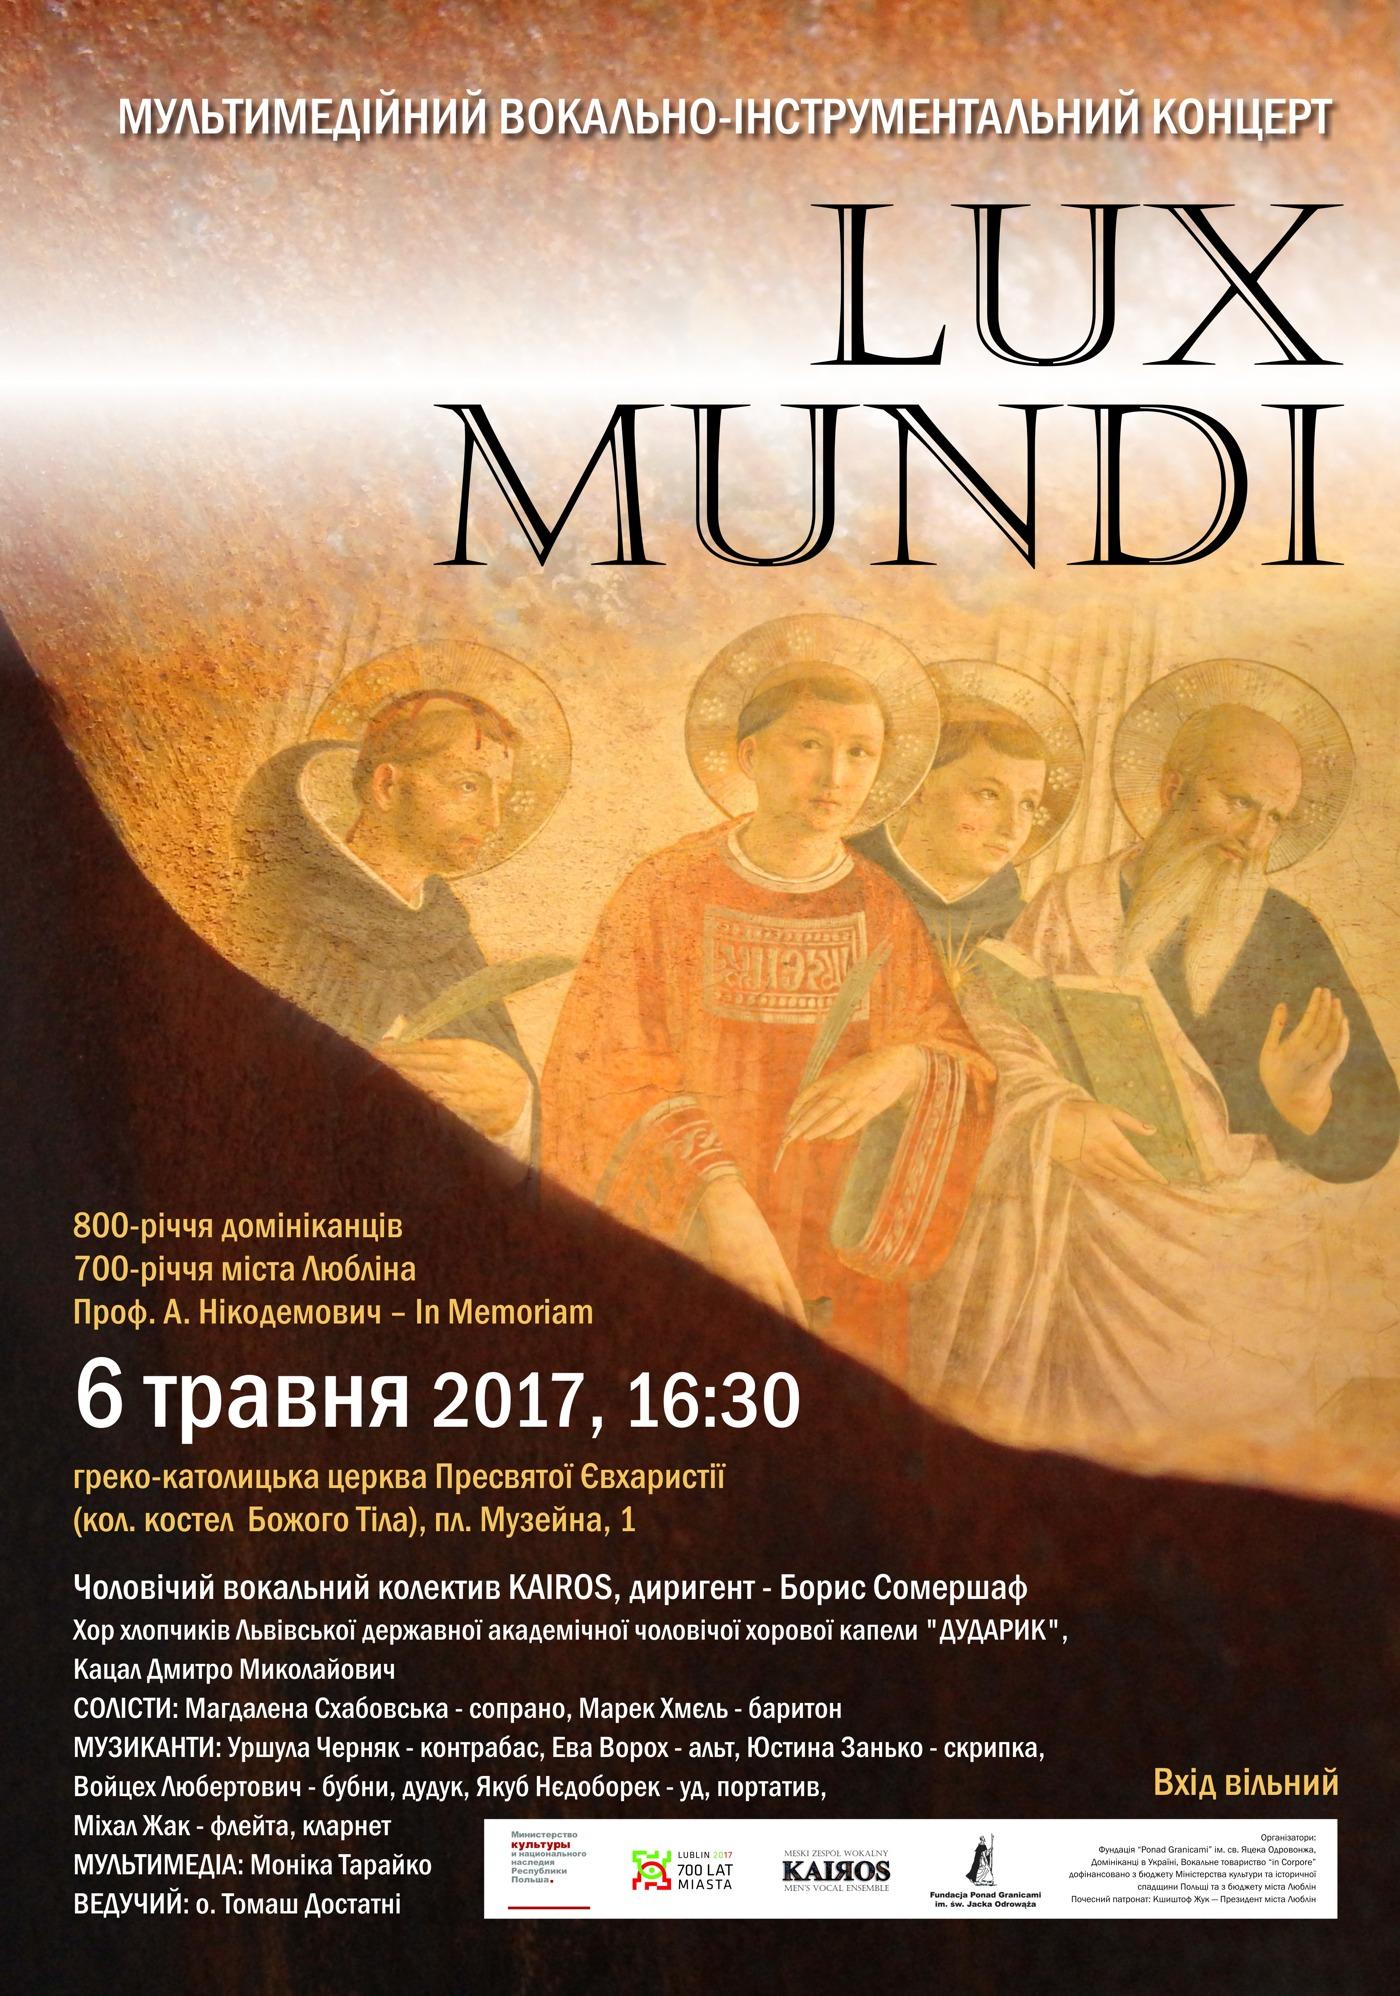 LUX Mundi - Lviv_mini